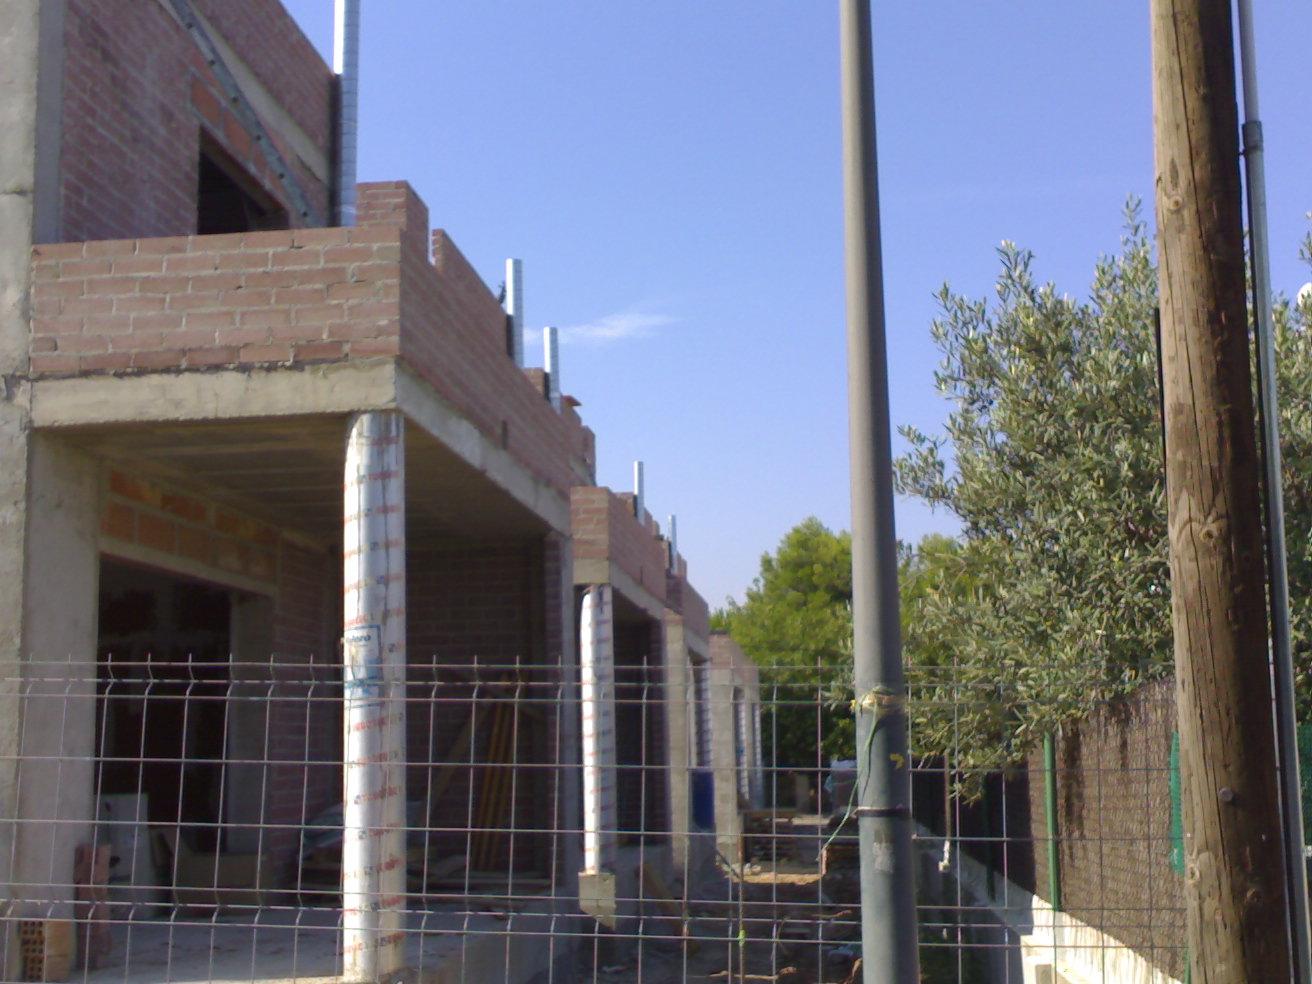 Los cerramientos de fachadas ventiladas como veremos en el - Cerramientos de fachadas ...